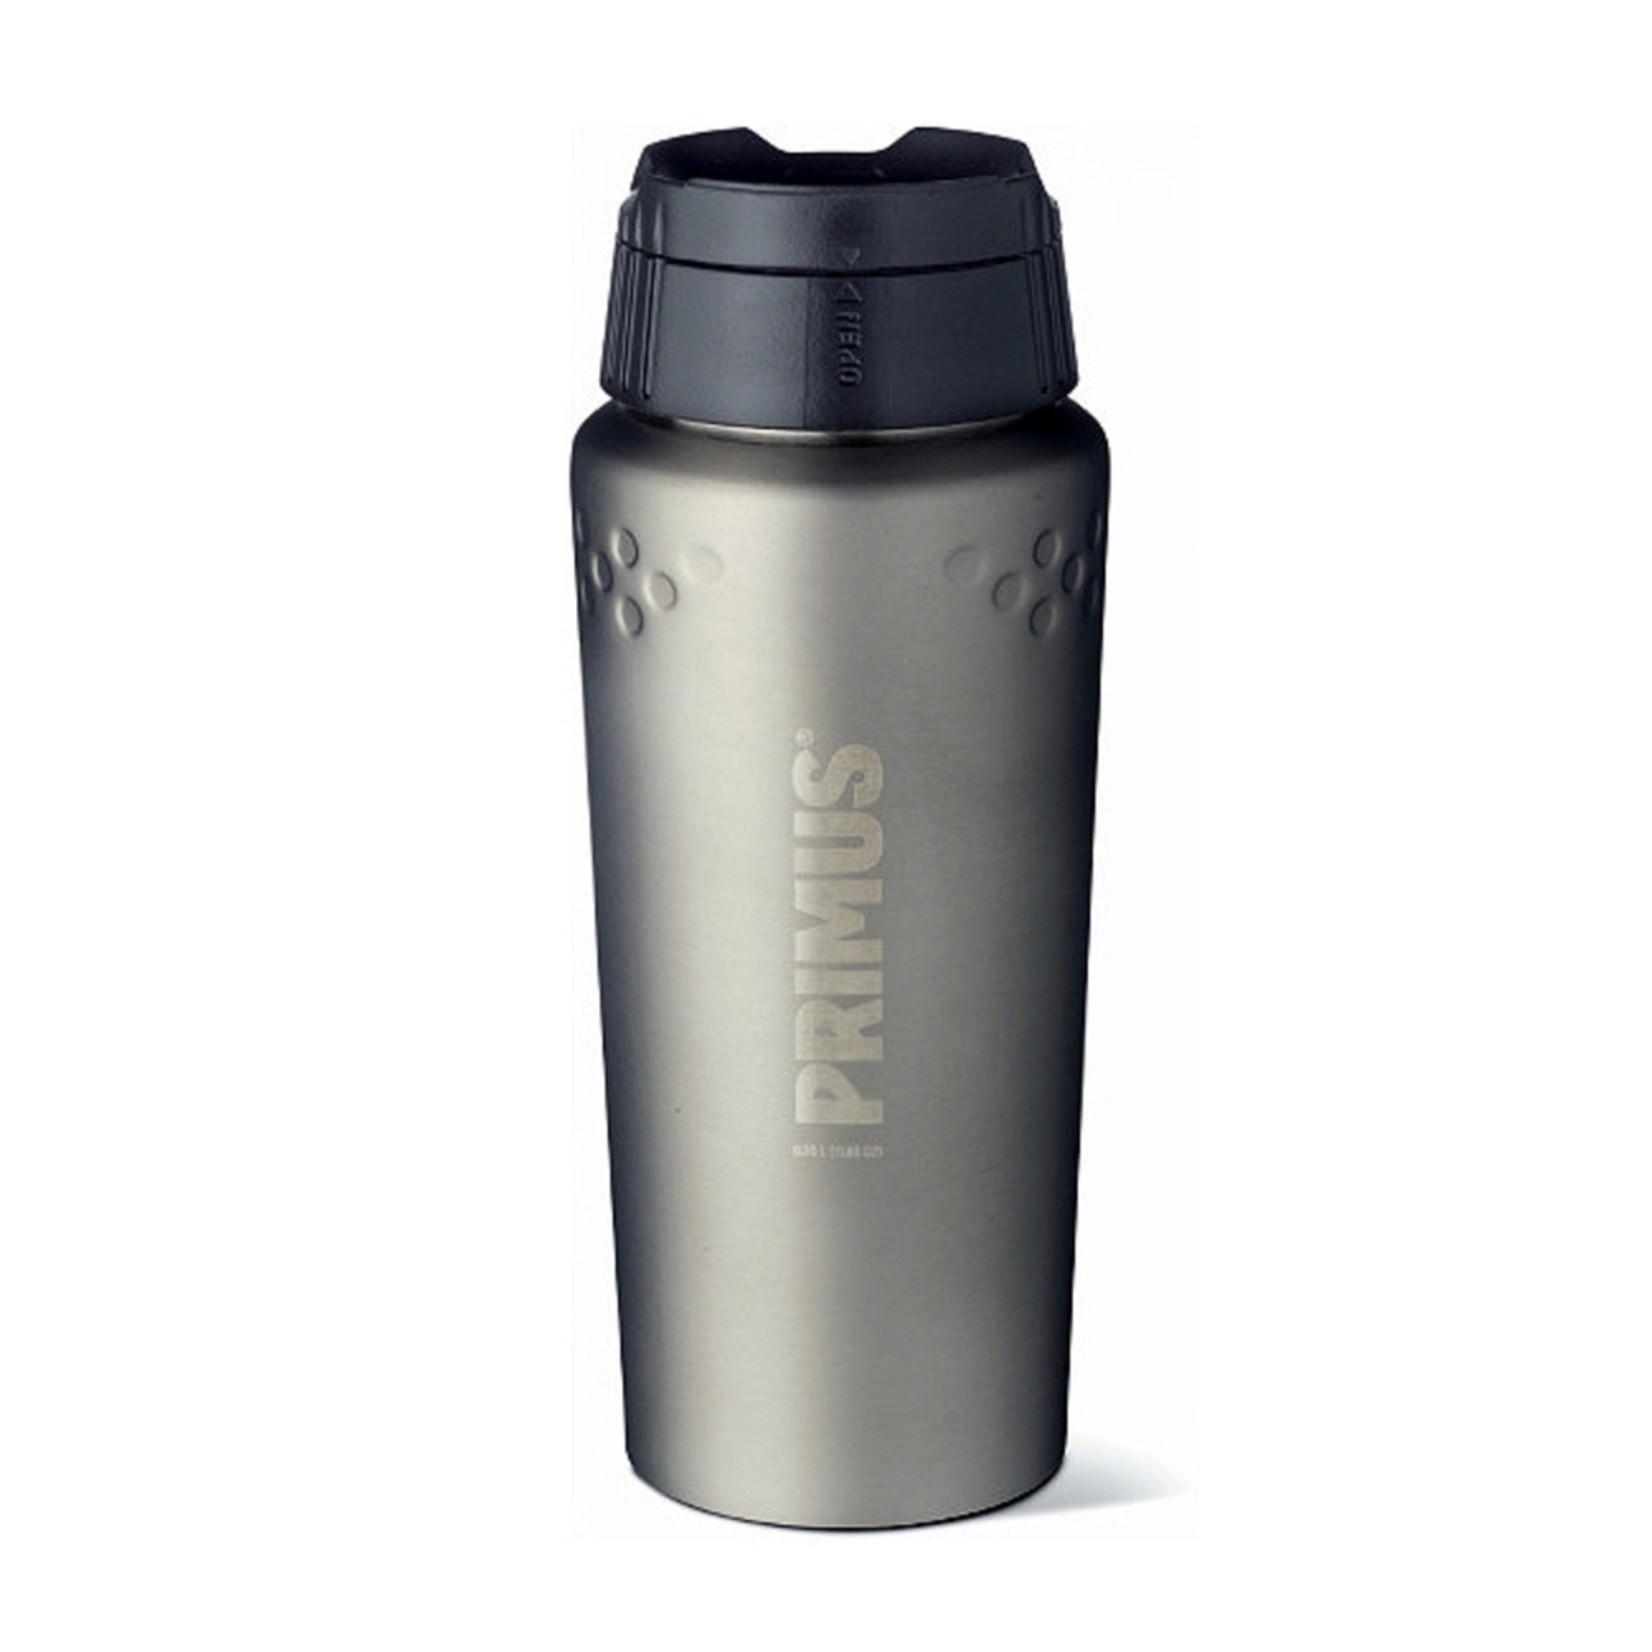 Primus Primus Trailbreak commuter mug 0,35 liter, vacuüm rvs